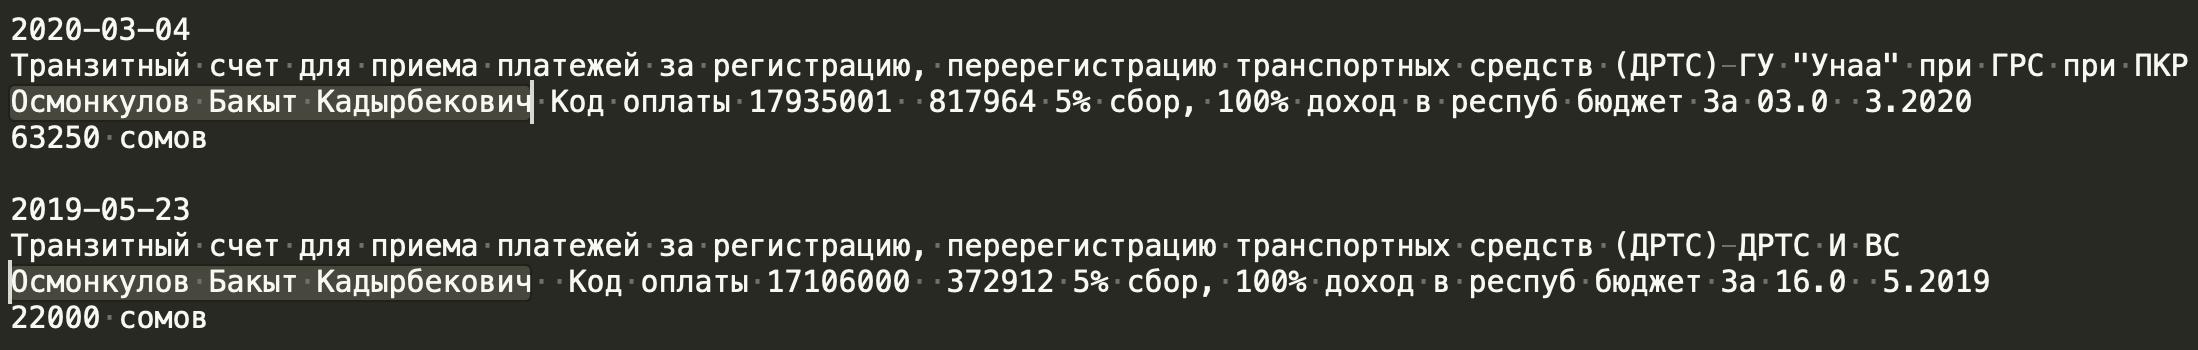 Другие транзакции Осмонкулова Б.К.